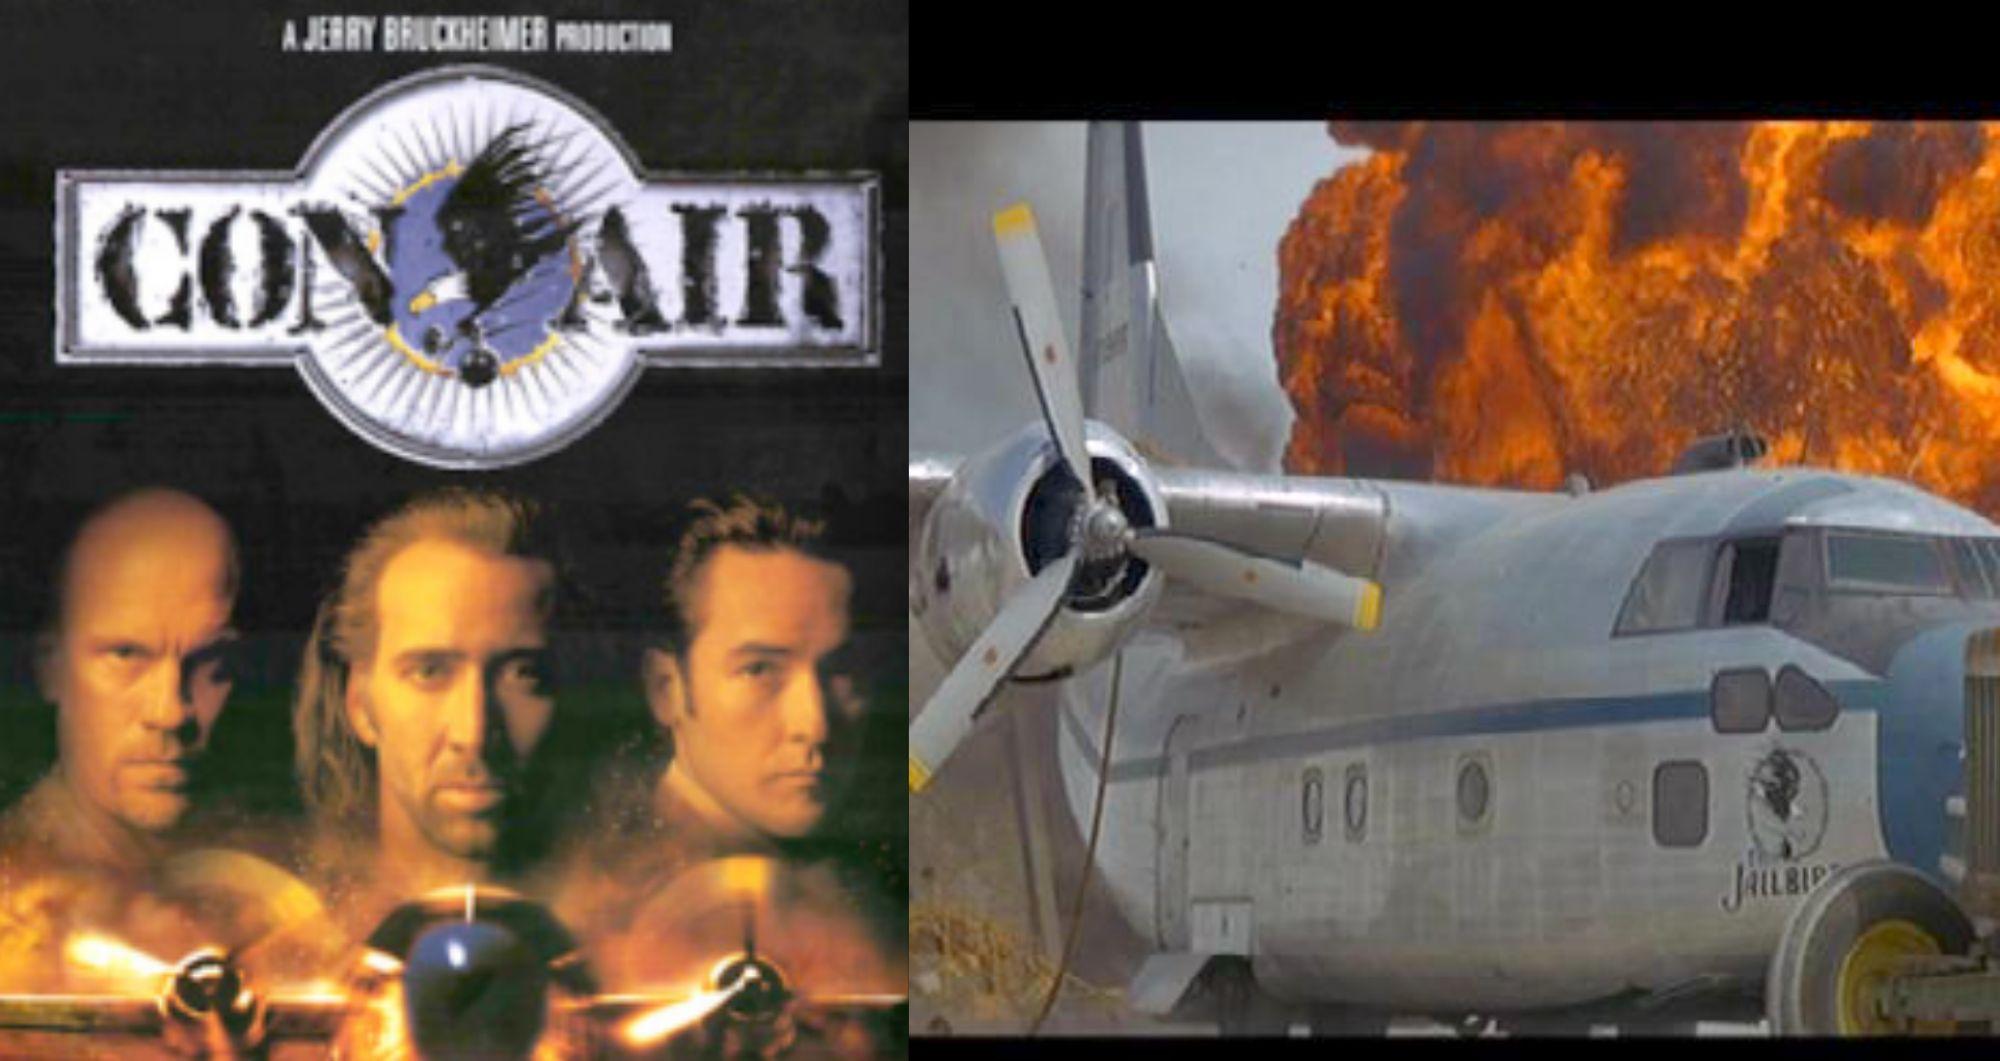 03-Con-Air-Airplane